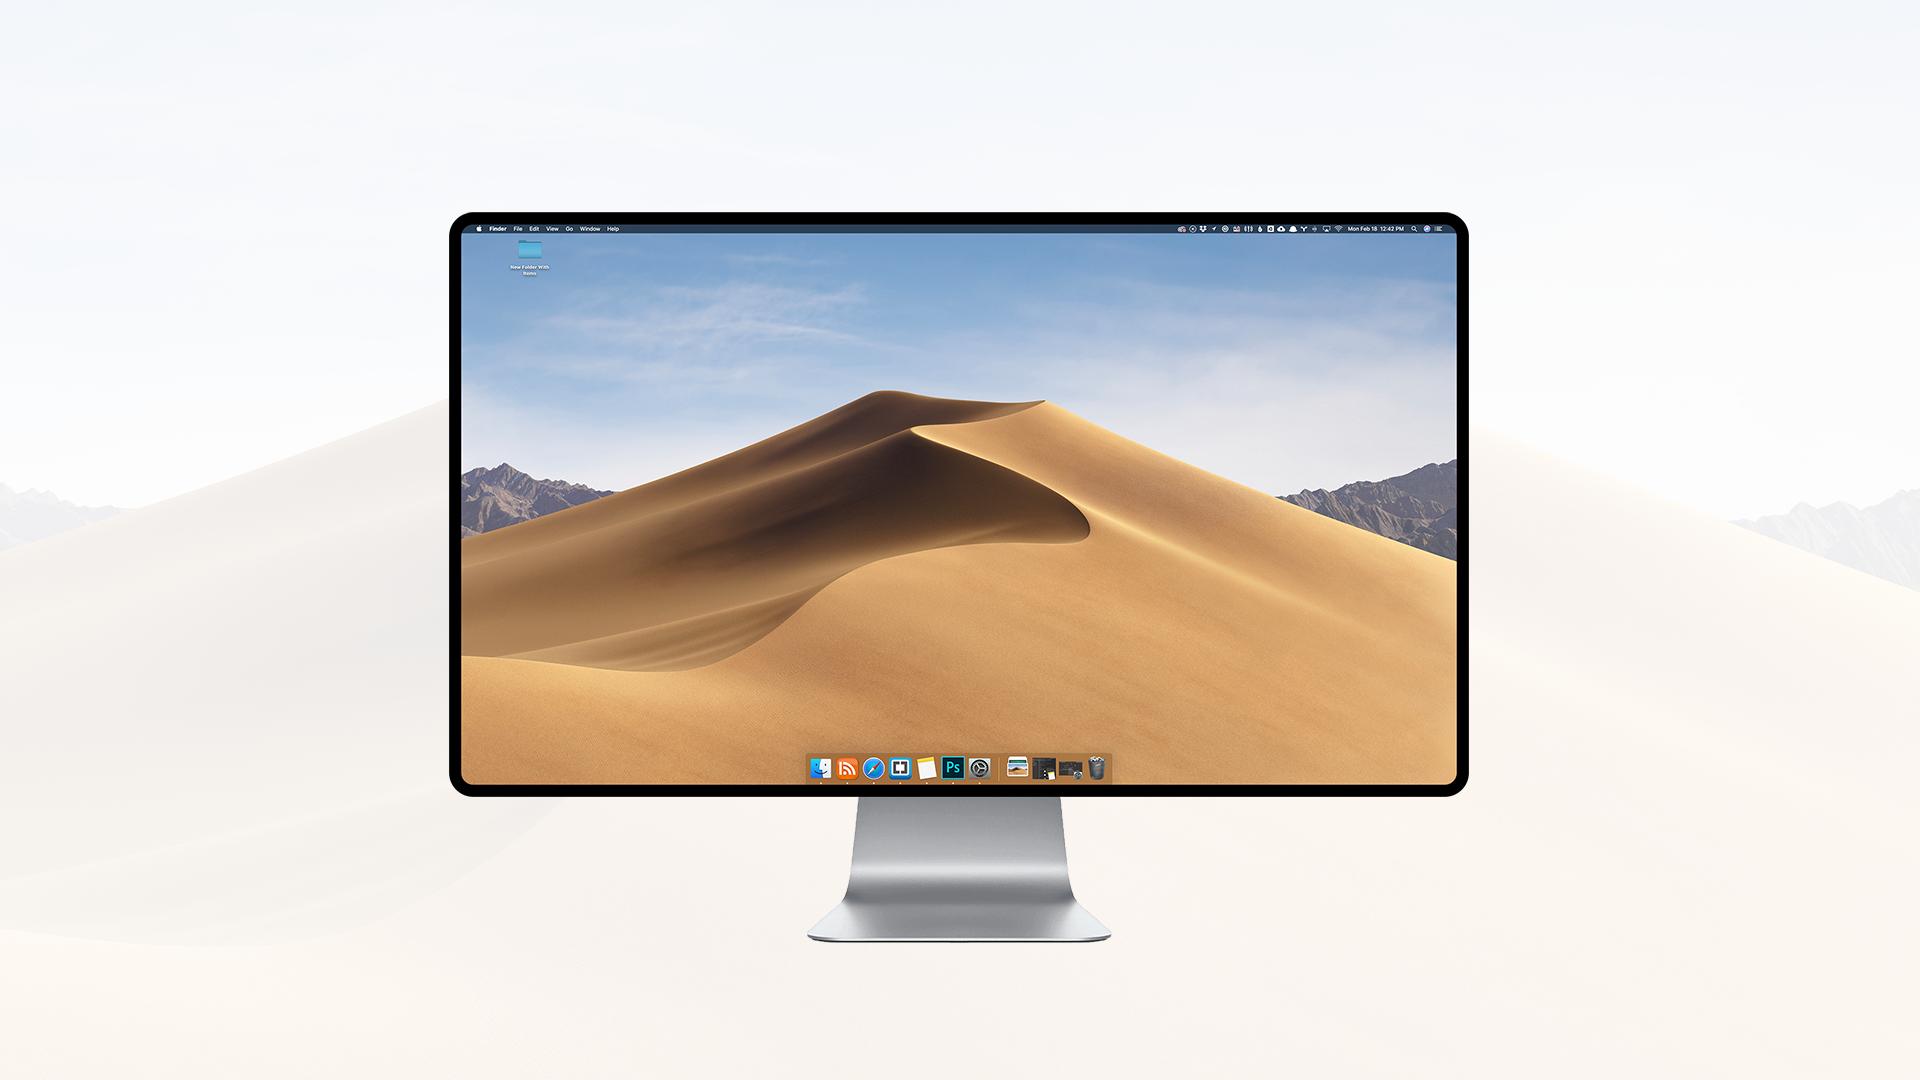 thumb-apple-display.png